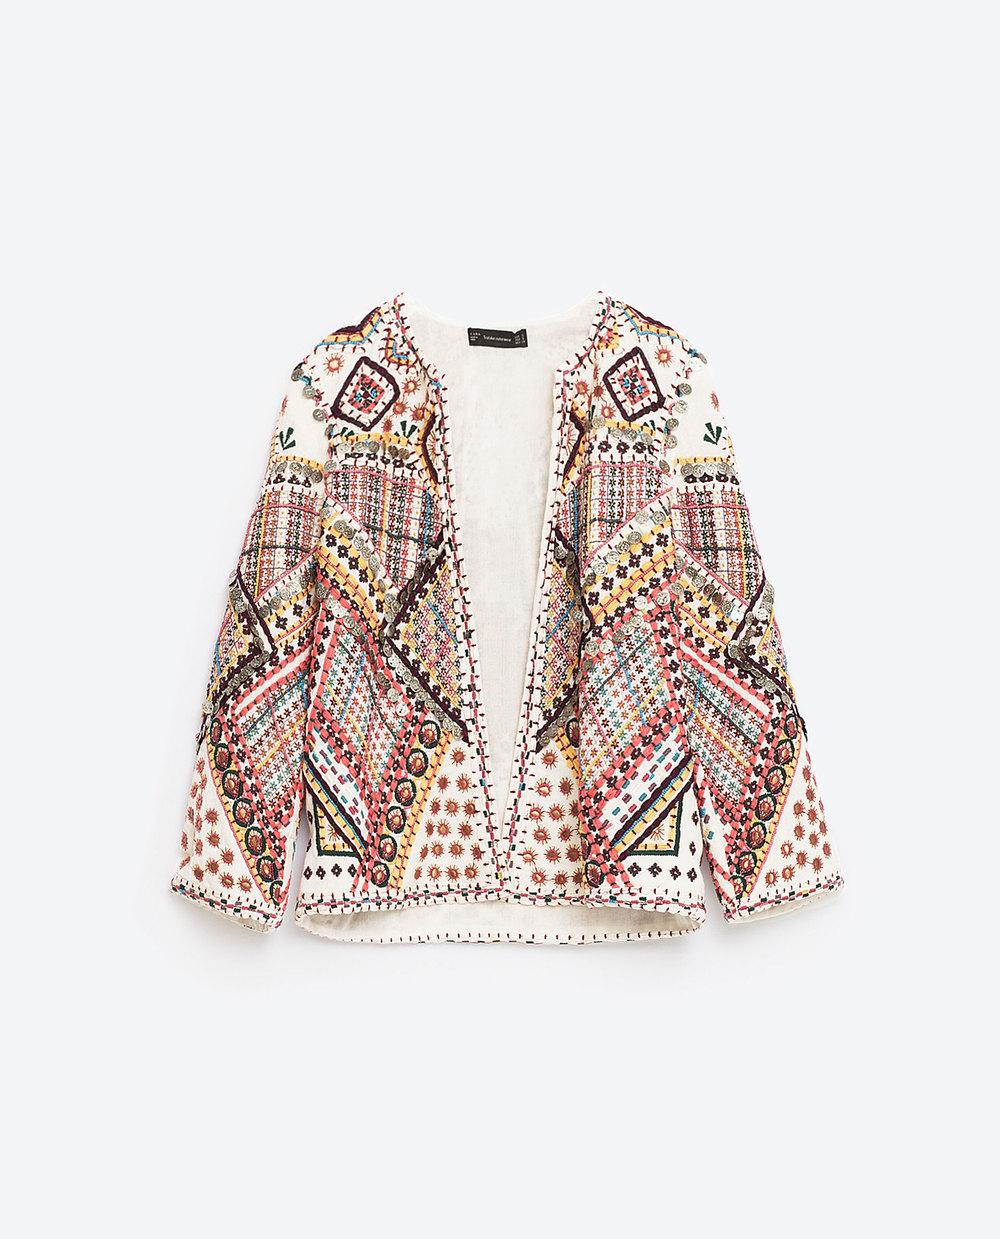 Zara, £89.99